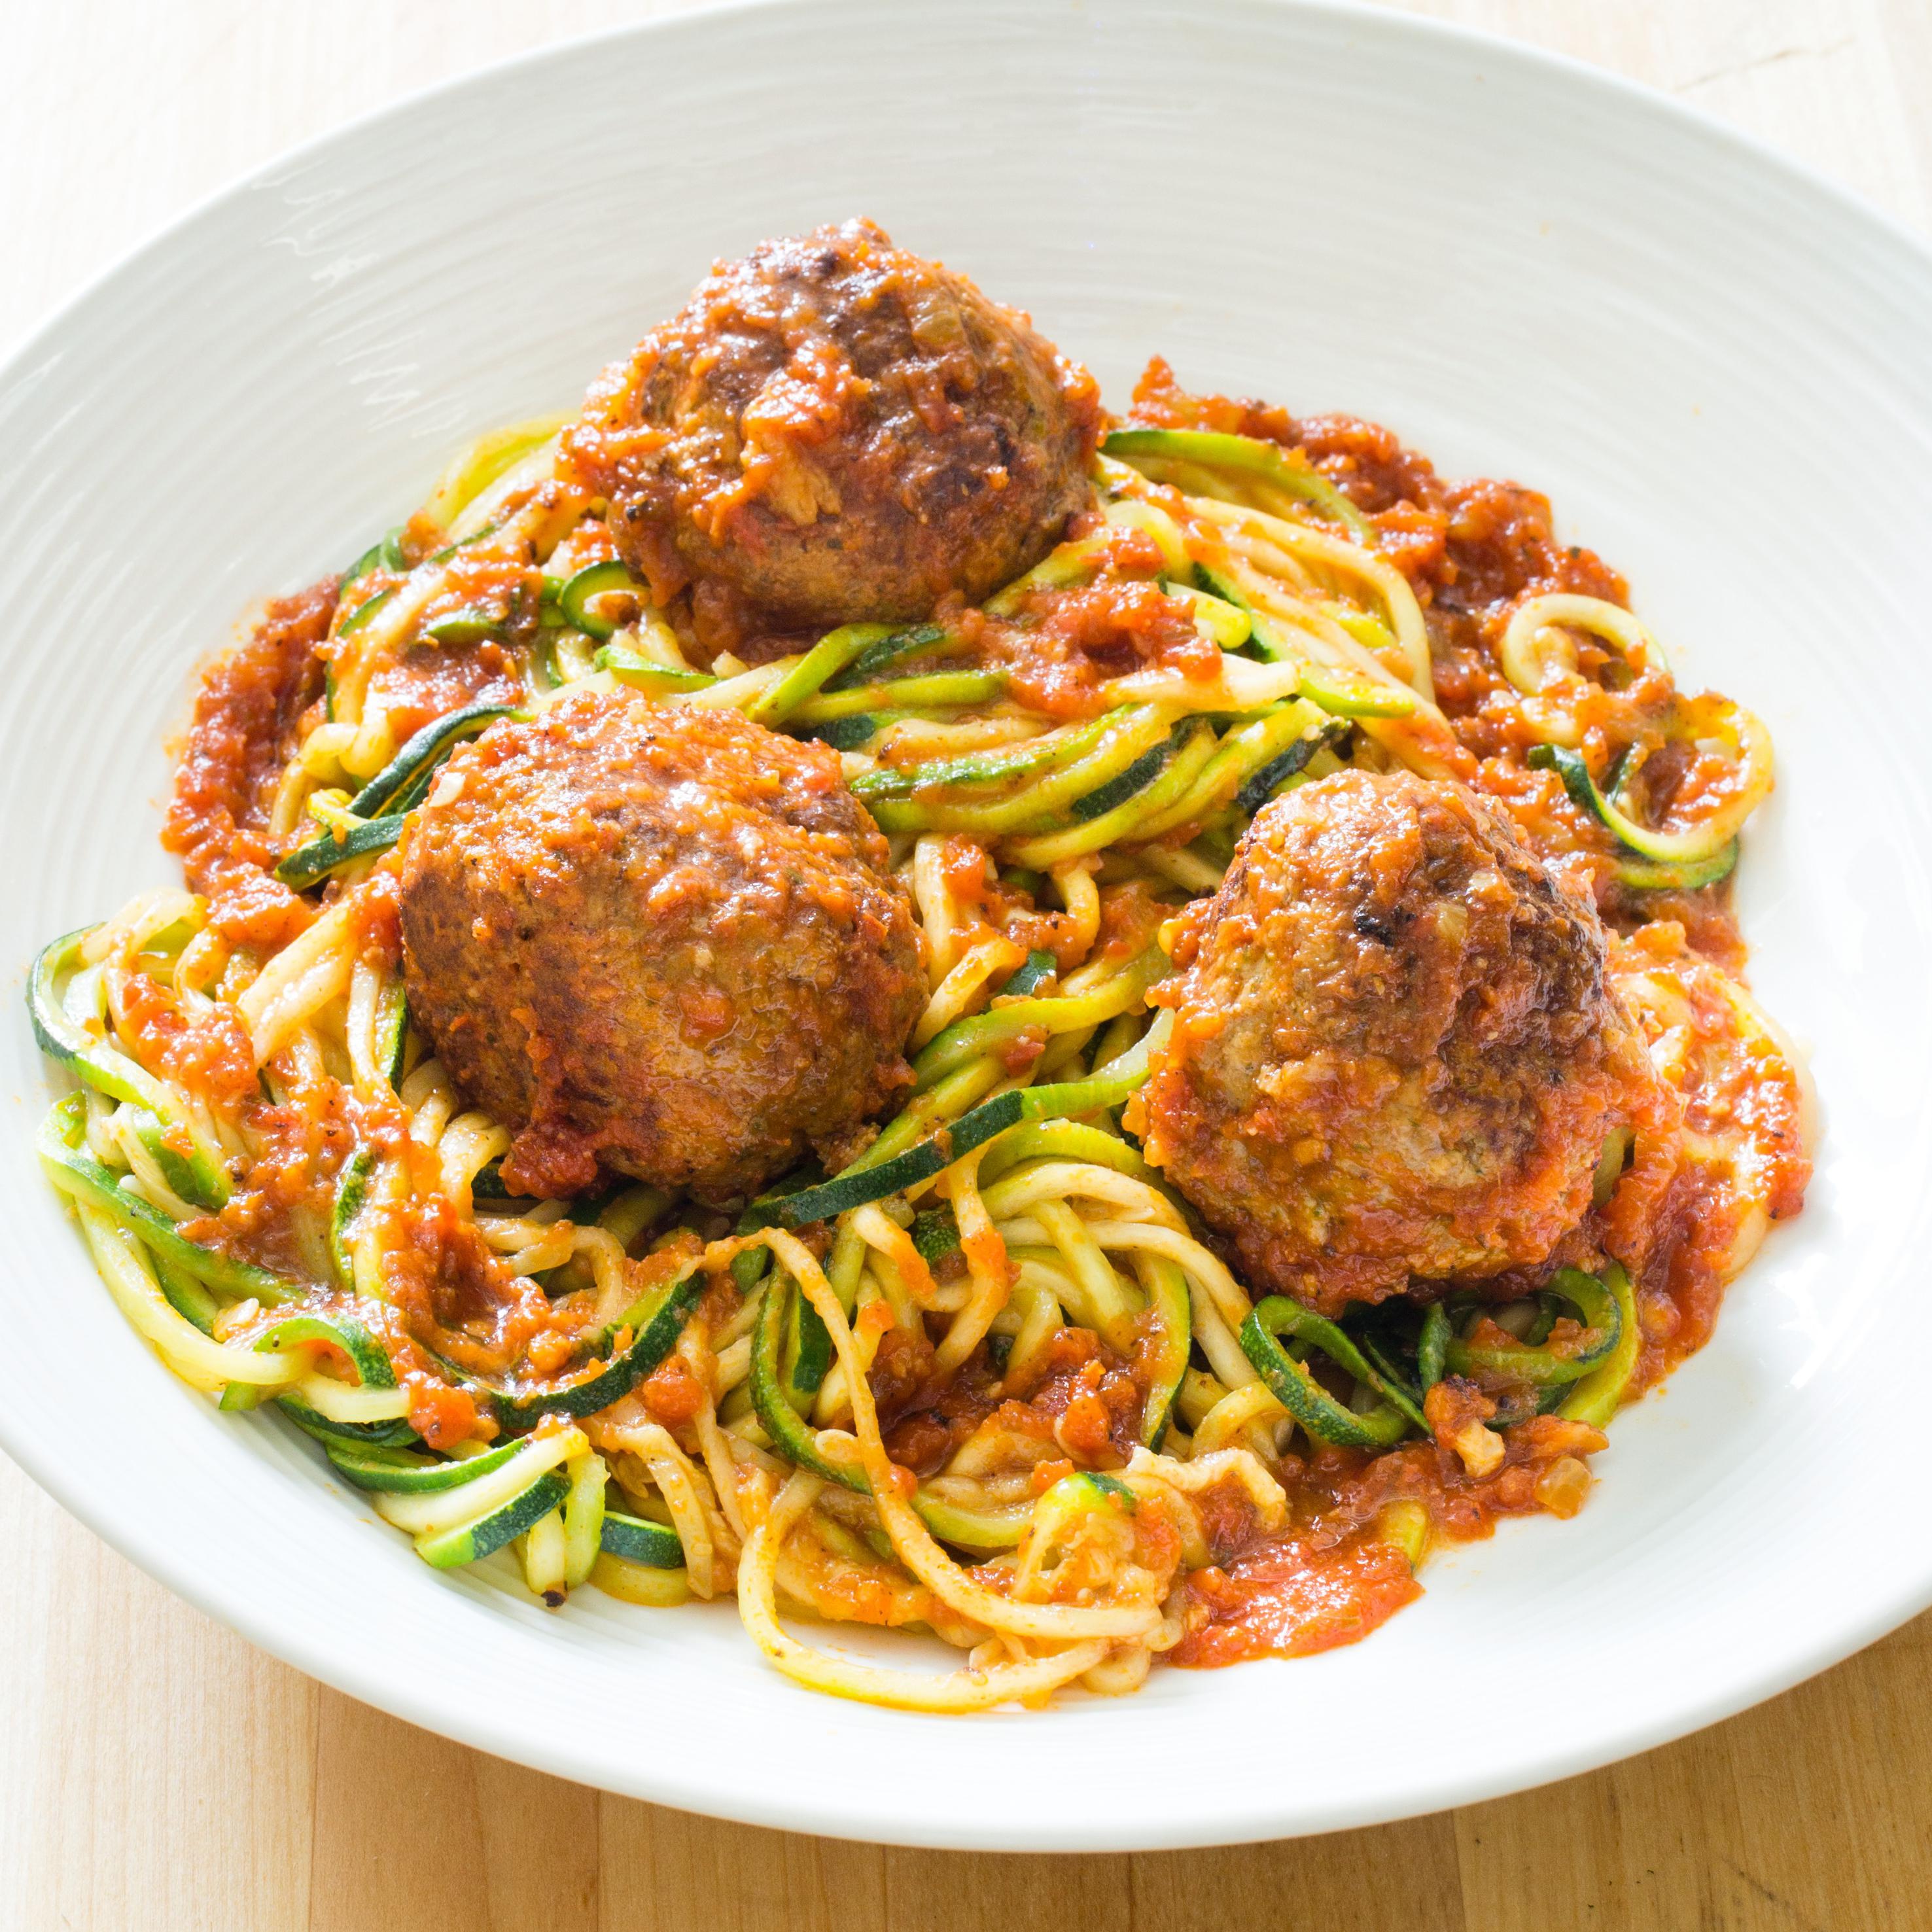 Paleo zucchini spaghetti and meatballs america 39 s test for Zucchini noodles and meatballs recipe